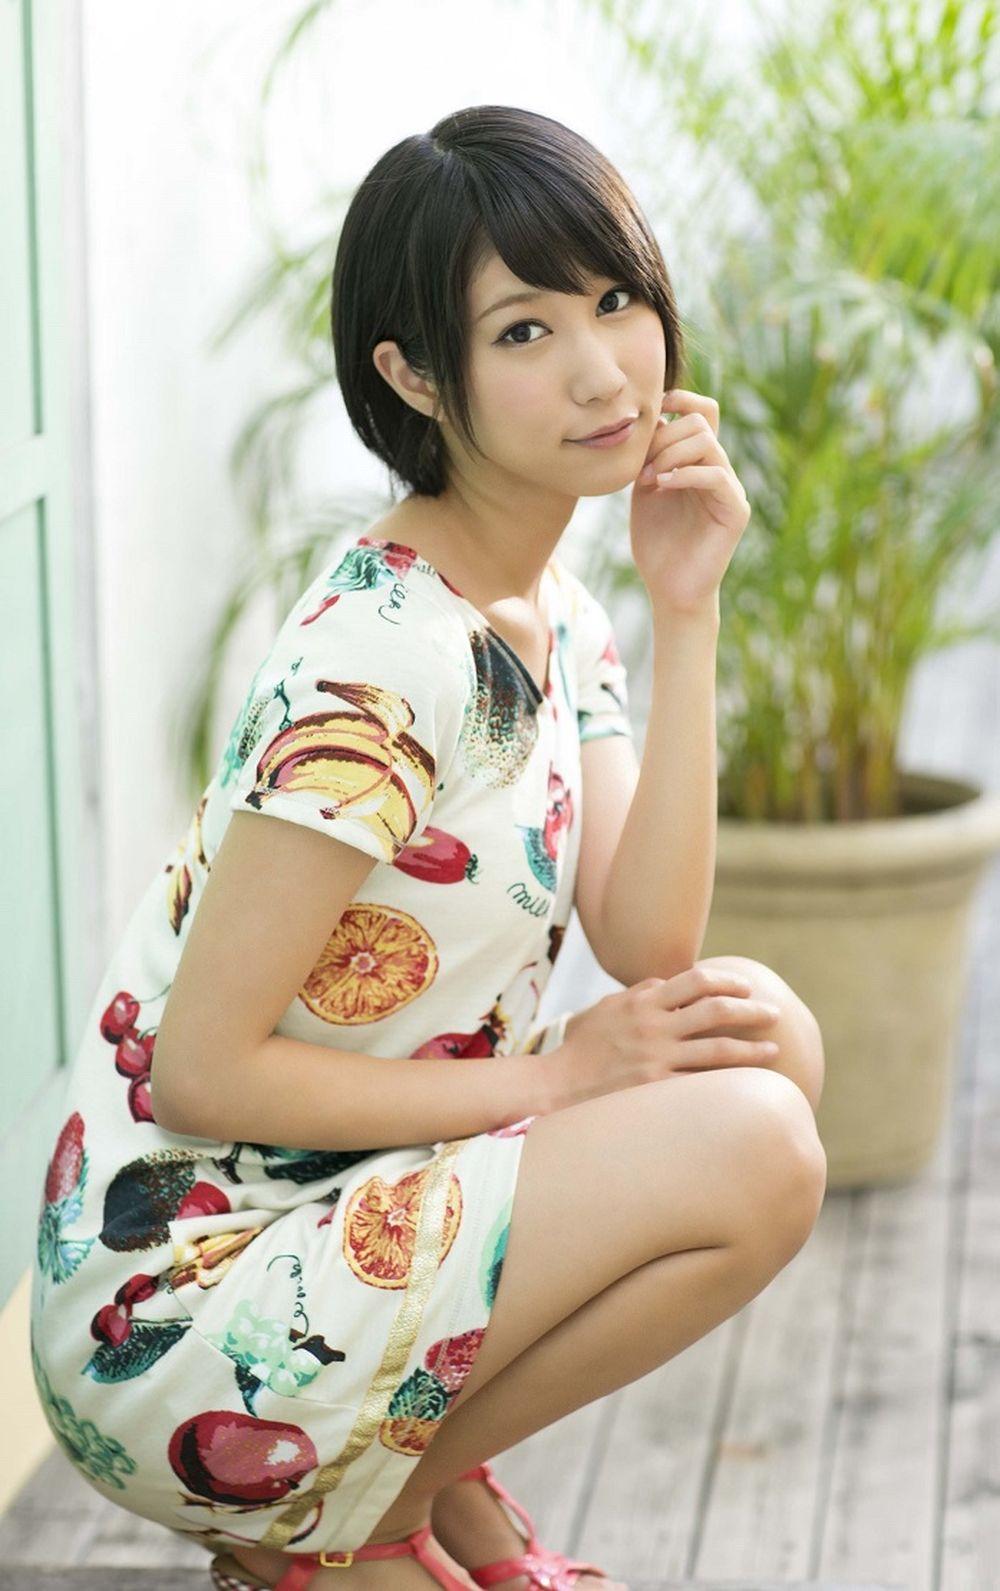 Riku Minato sinh năm 1993 tại Kanagawa, Nhật Bản. Cô đào 24 tuổi cao 1m60,  có số đo ba vòng ấn tượng 82E – 58 – 88.